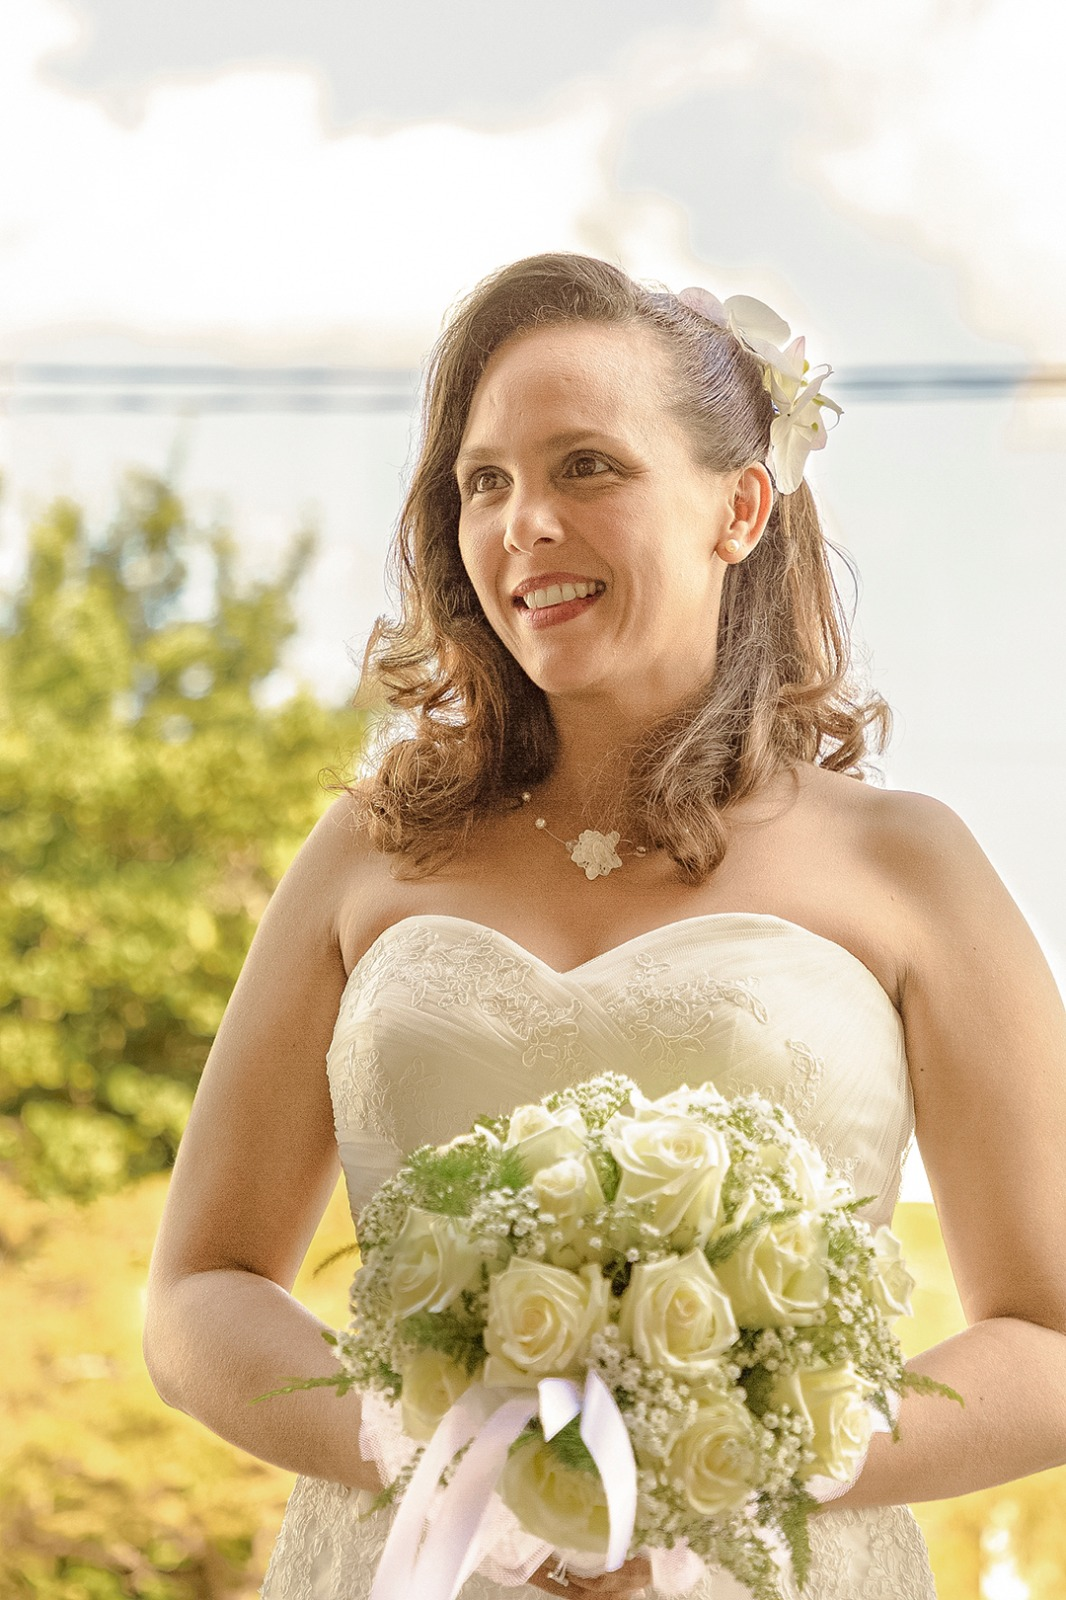 photographe mariage chantilly portrait de la mariée